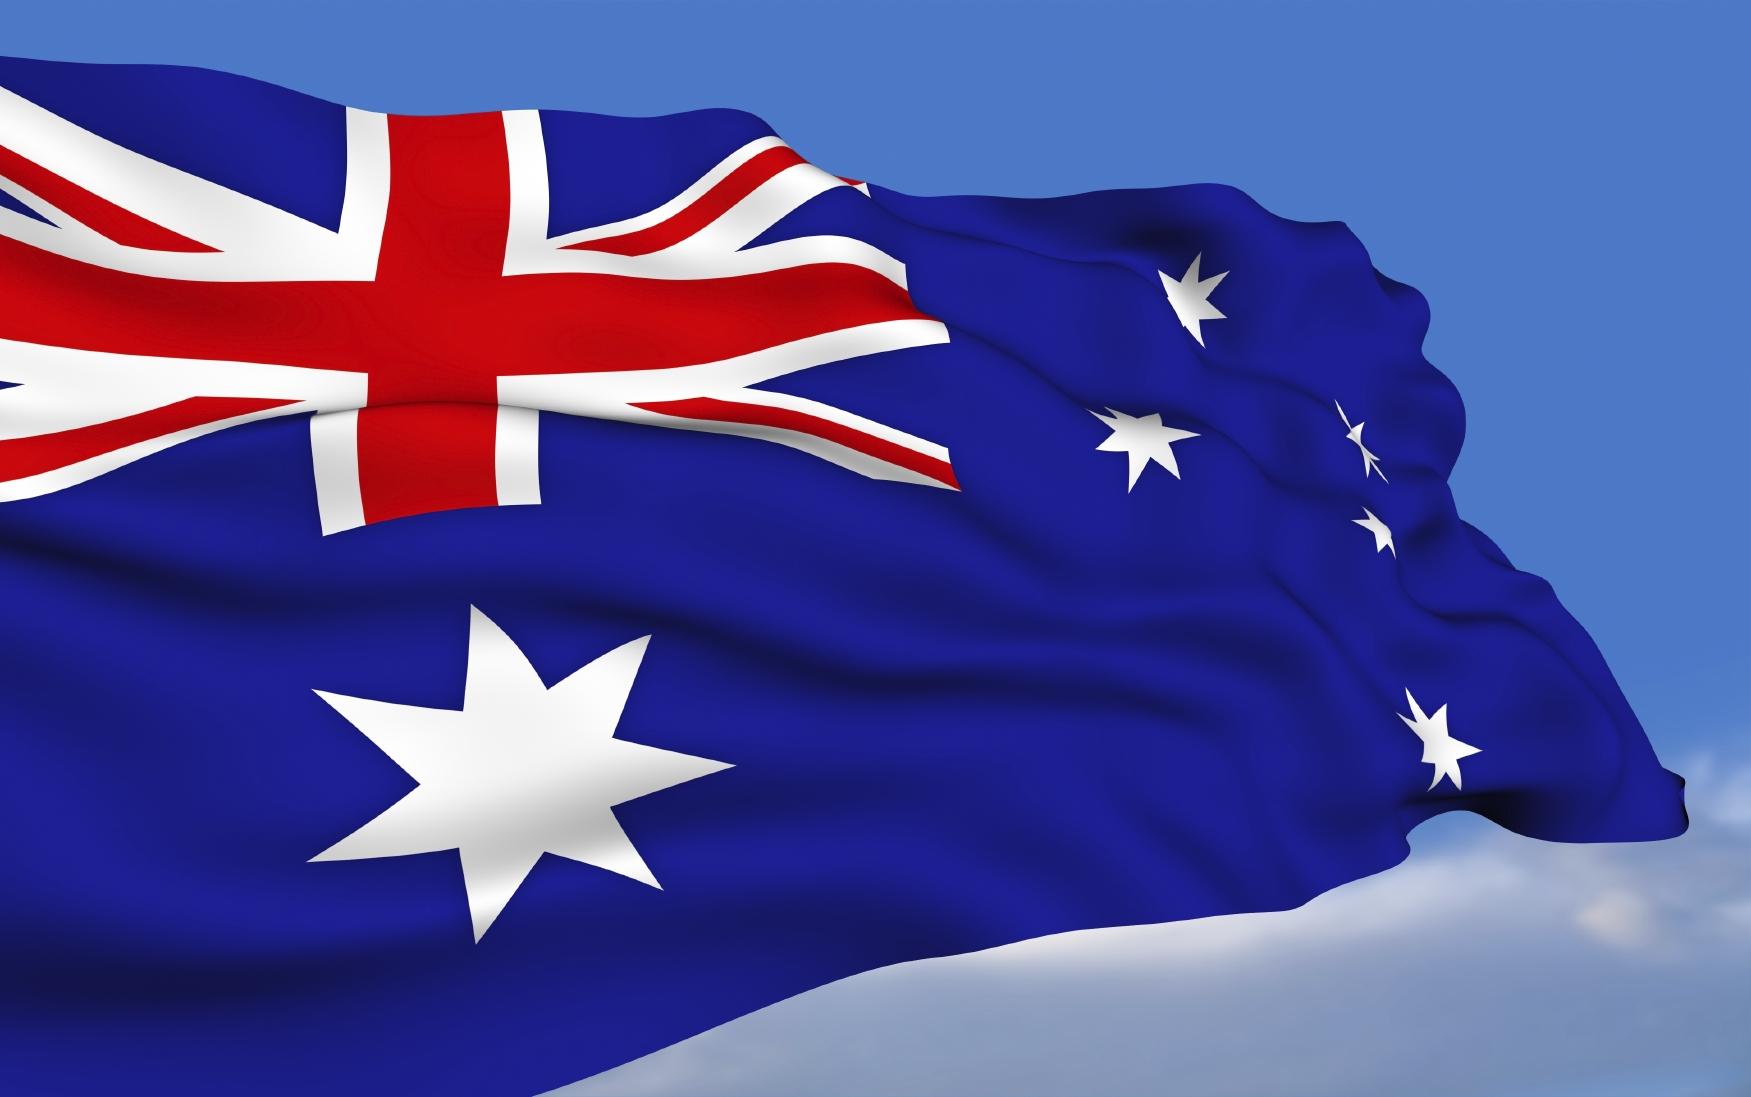 محكمة أسترالية تأمر الشرطة بالاعتذار رسميا عن الإساءة للعرب